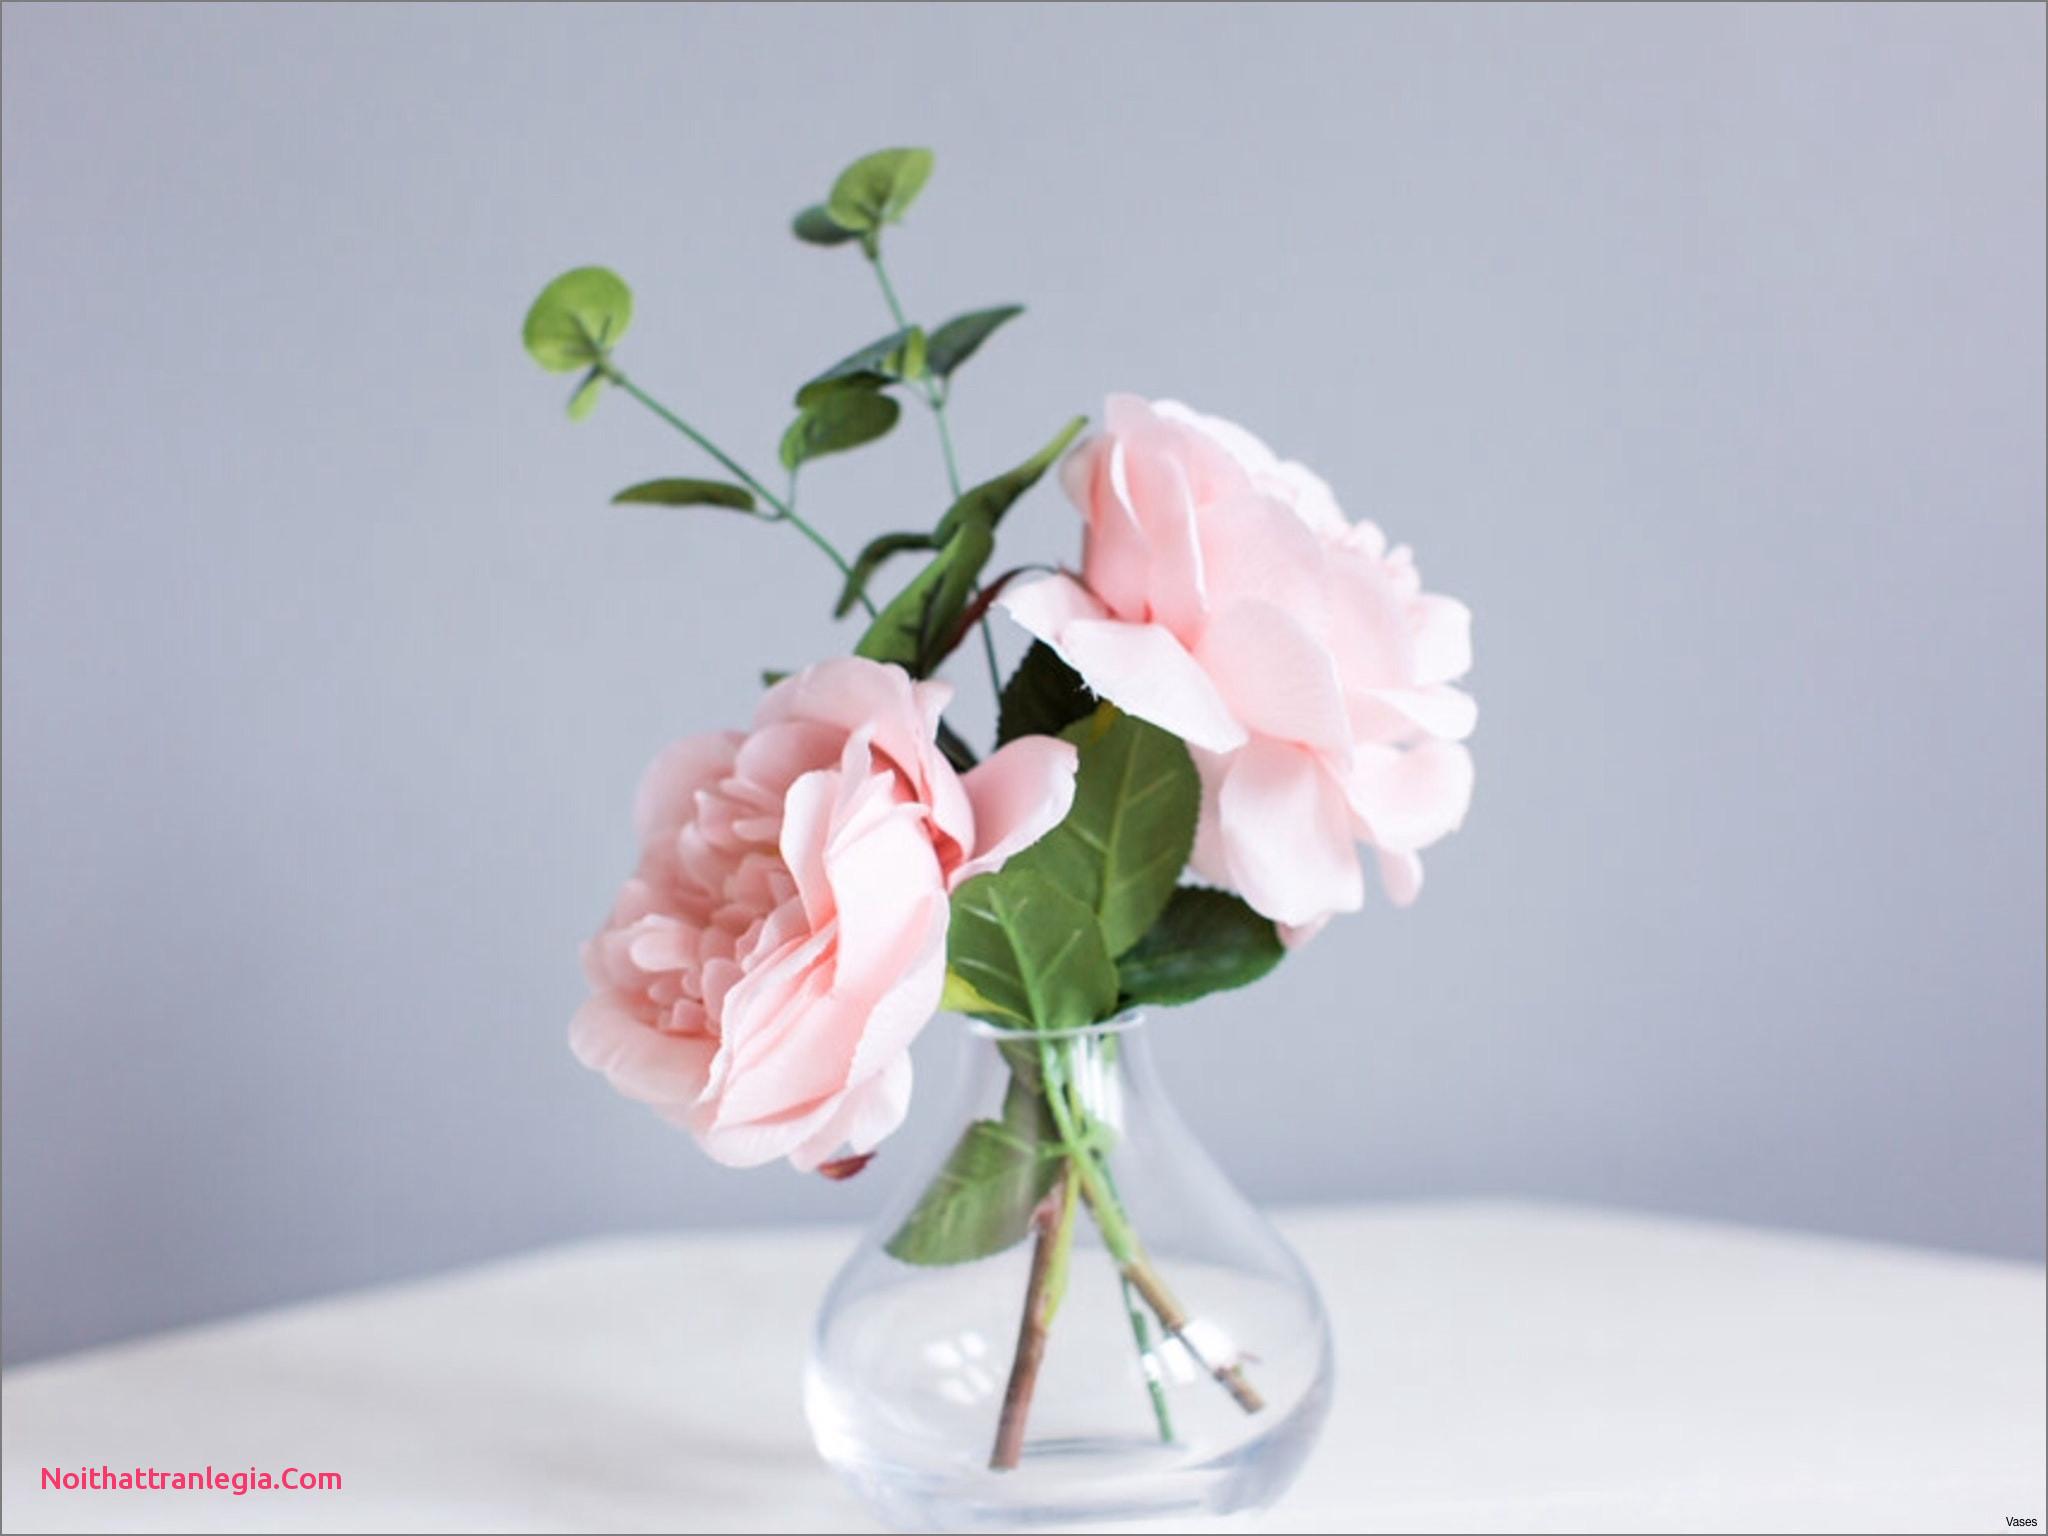 waterford thistle vase of 20 wedding vases noithattranlegia vases design regarding cool wedding ideas as for h vases bud vase flower arrangements i 0d for inspiration design